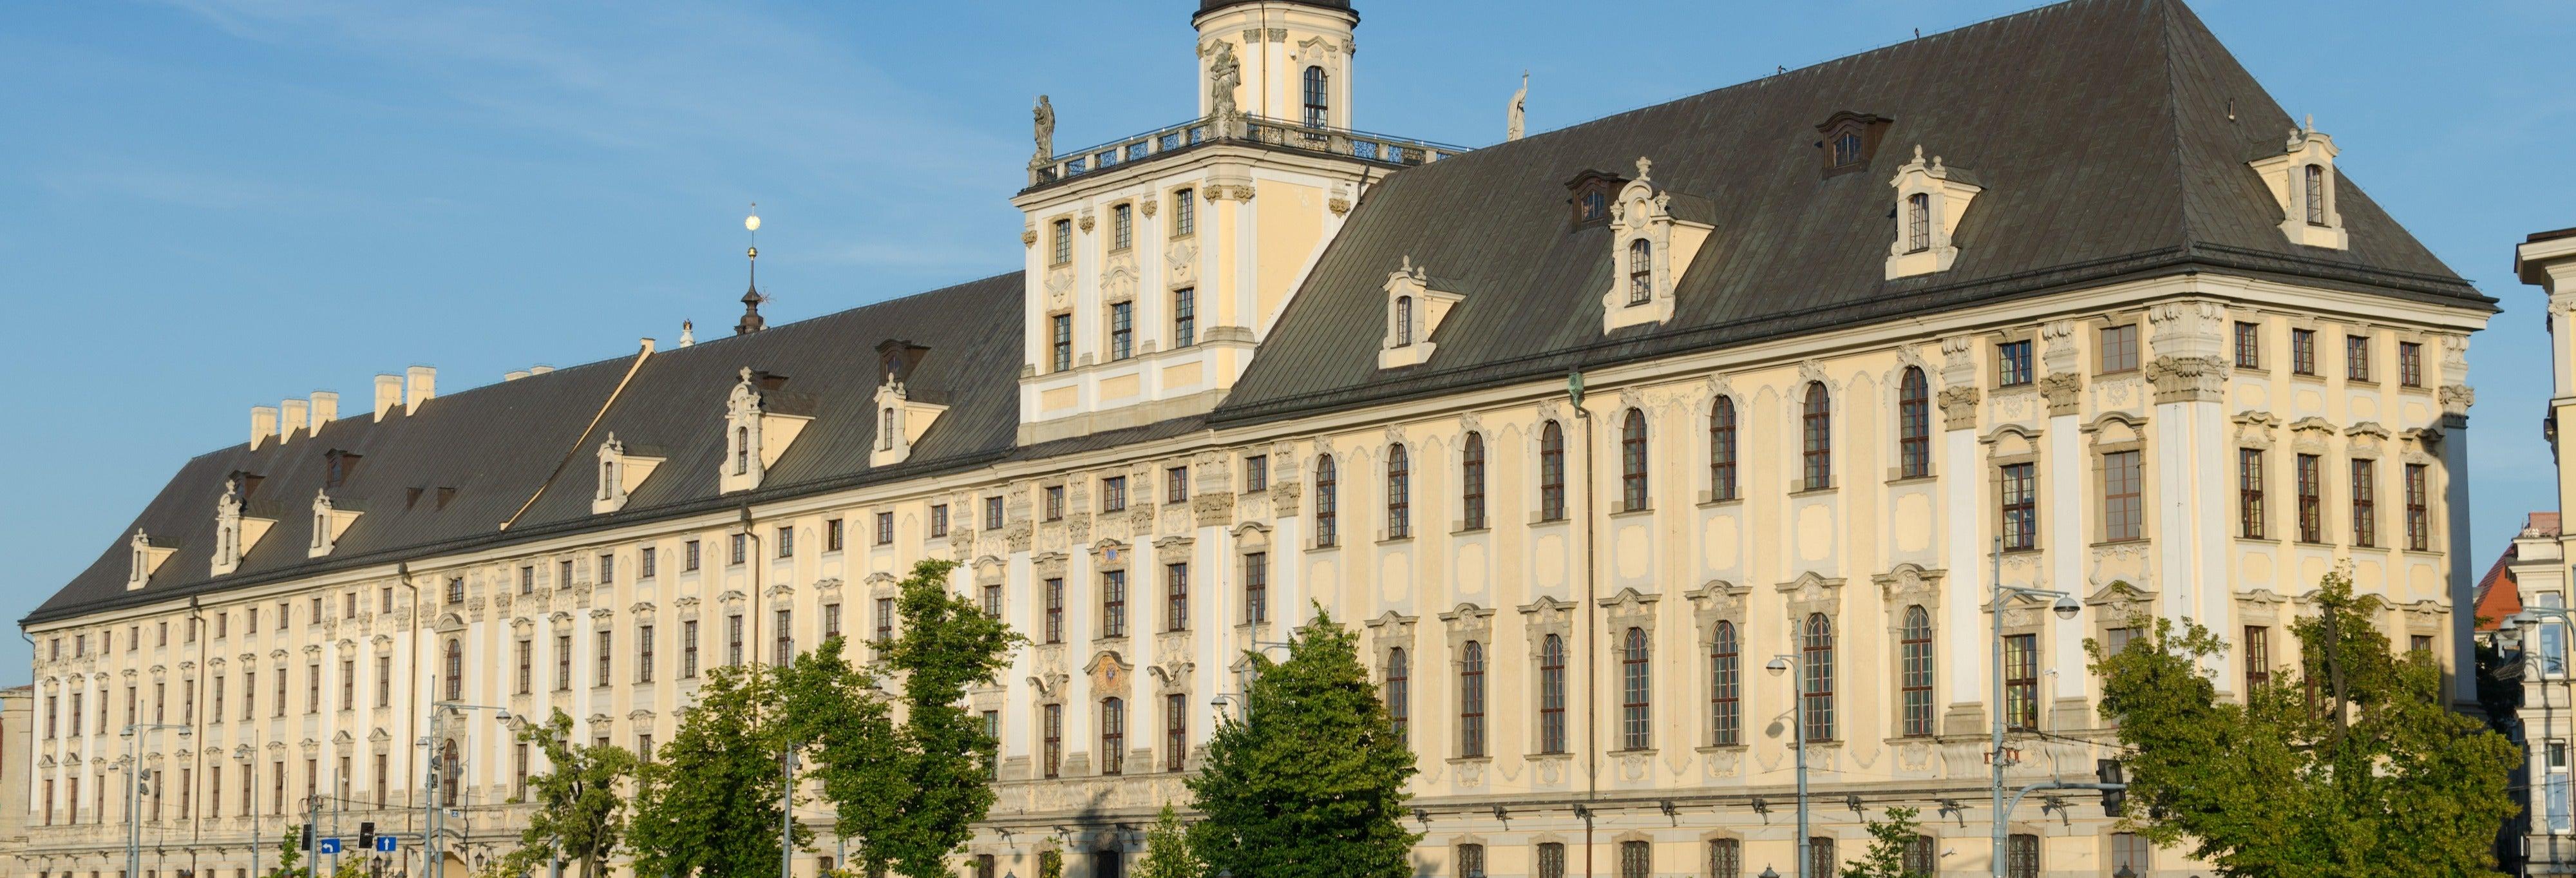 Visita guiada pela Universidade de Breslávia